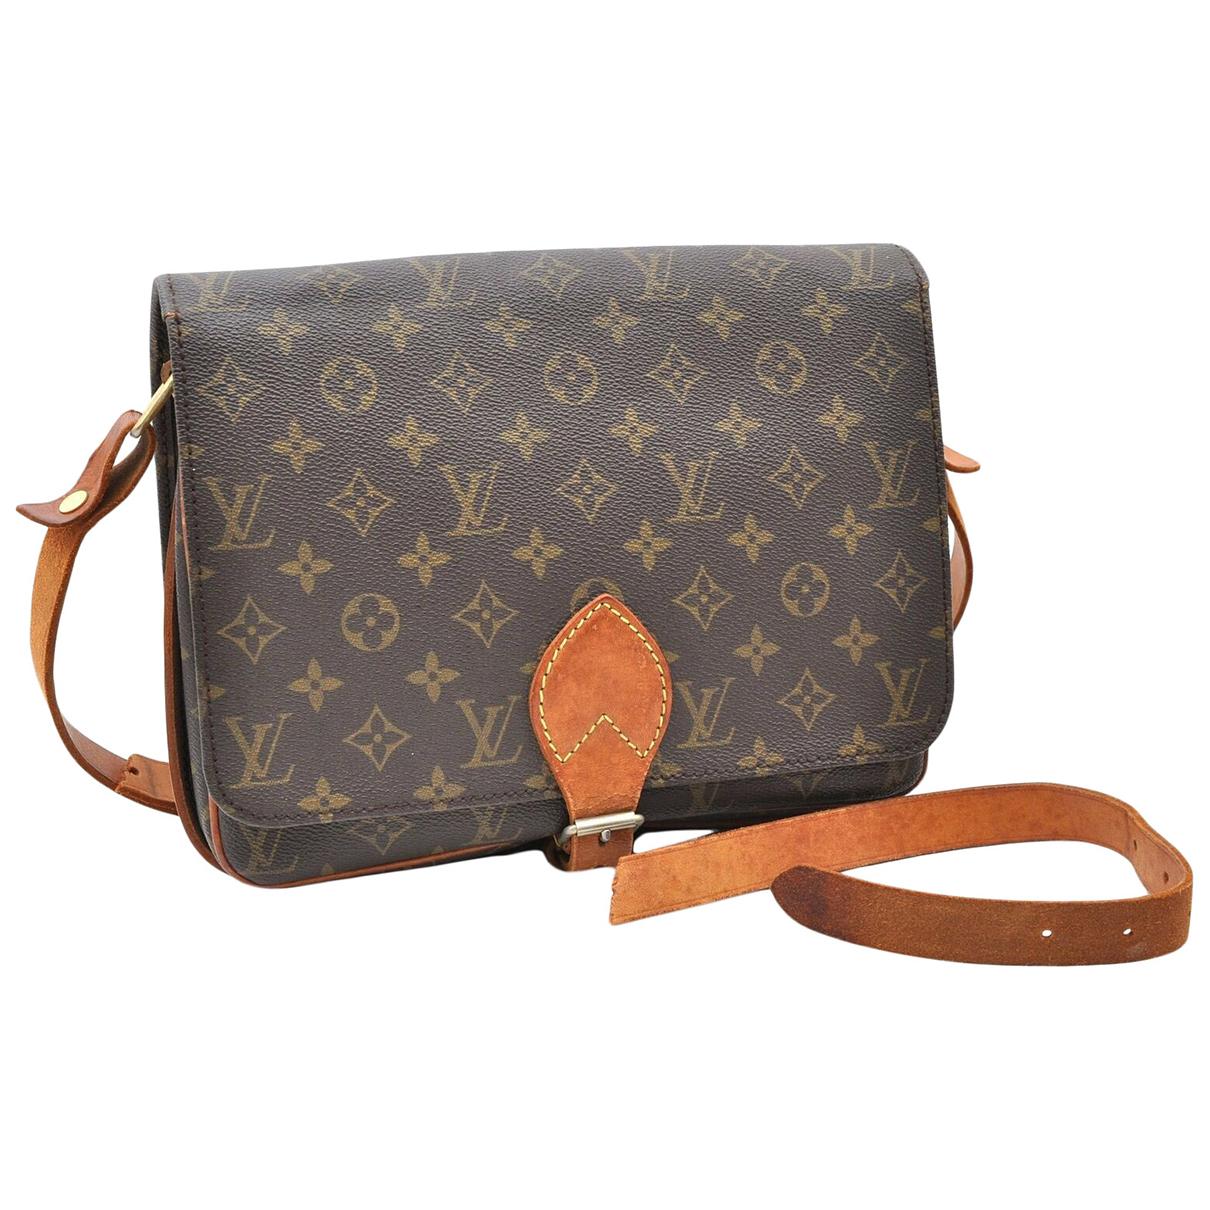 Bolso Cartouchiere de Lona Louis Vuitton